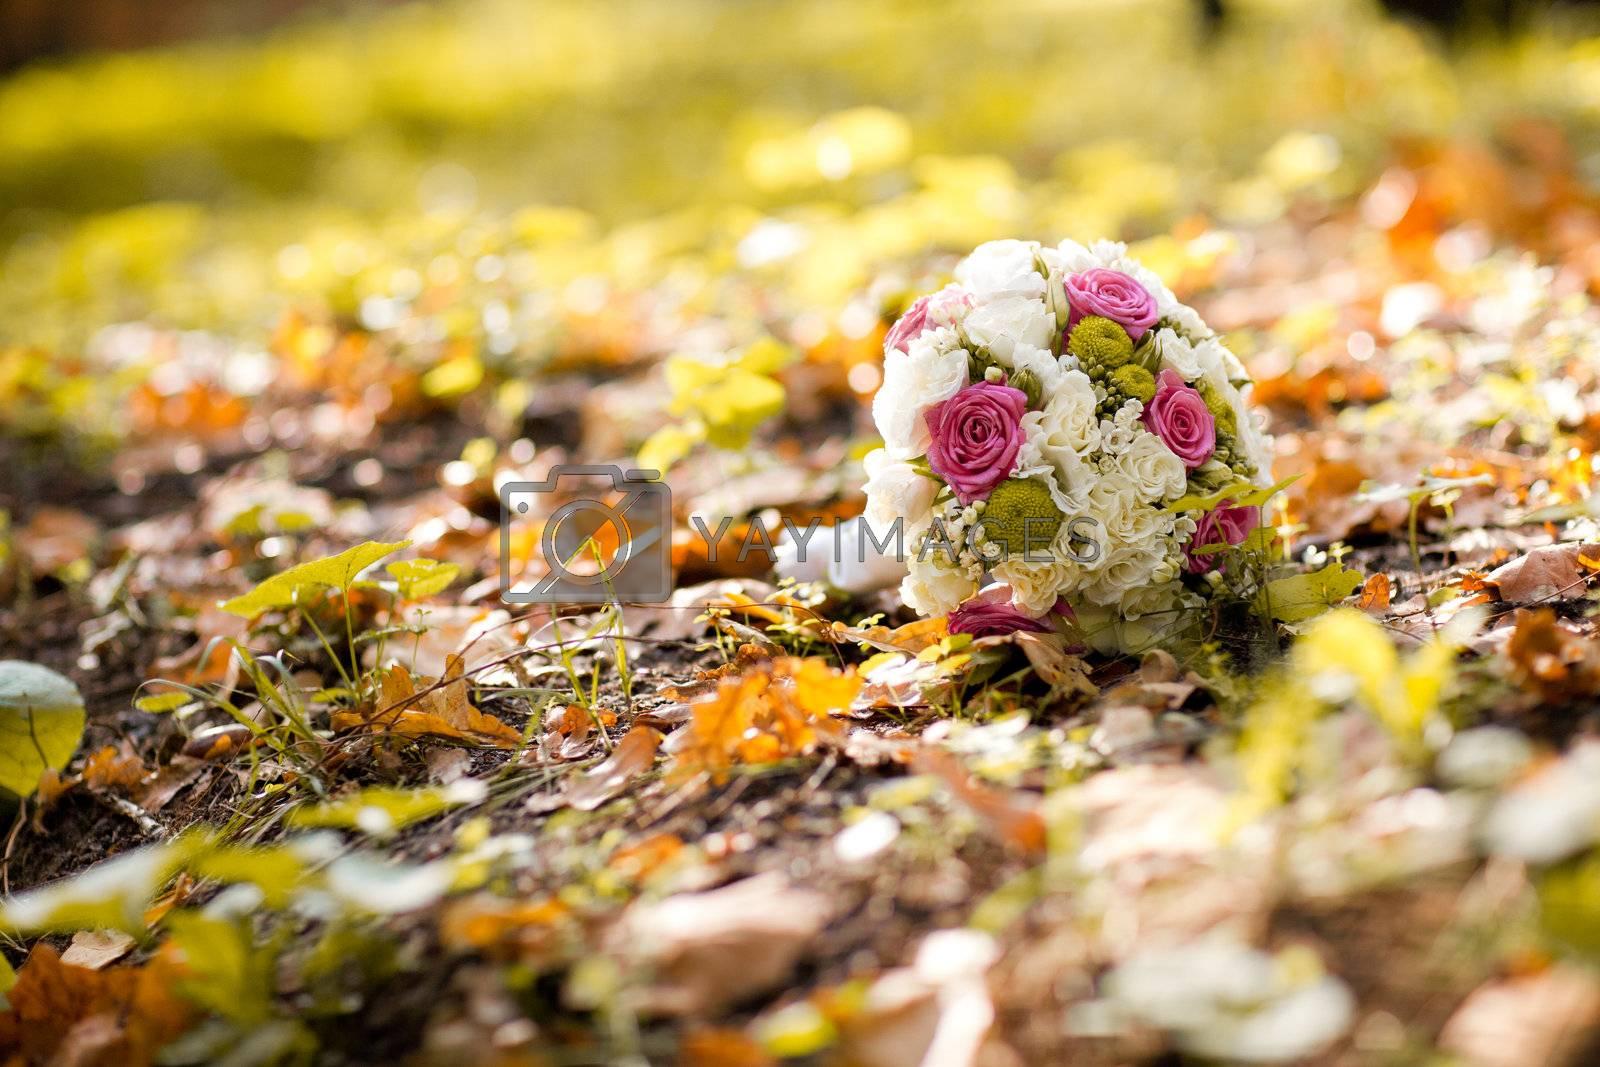 wedding bouquet in autumn